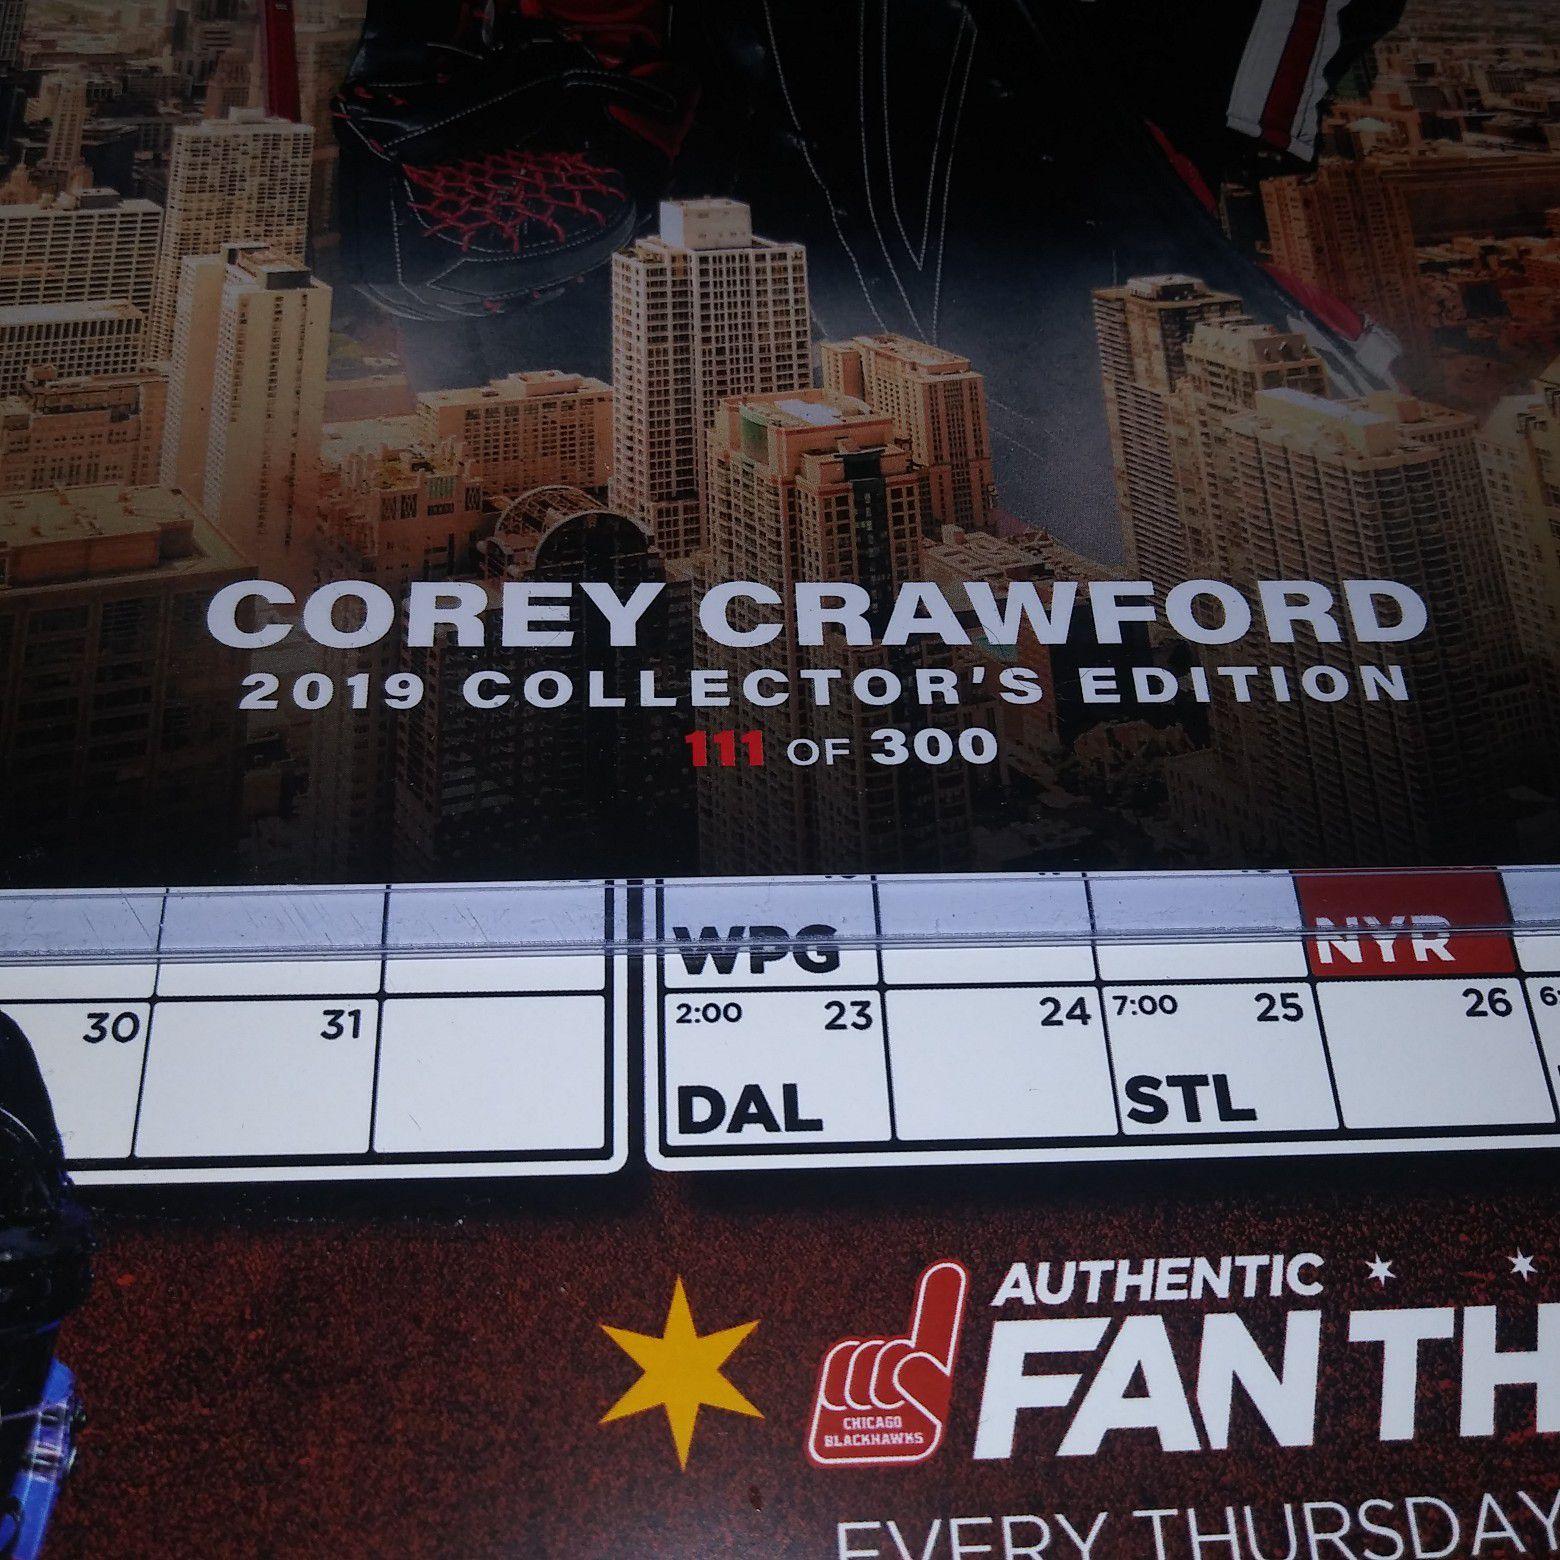 Chicago Blackhawks Corey Crawford Autographed Signed Skyline Photo 300 made